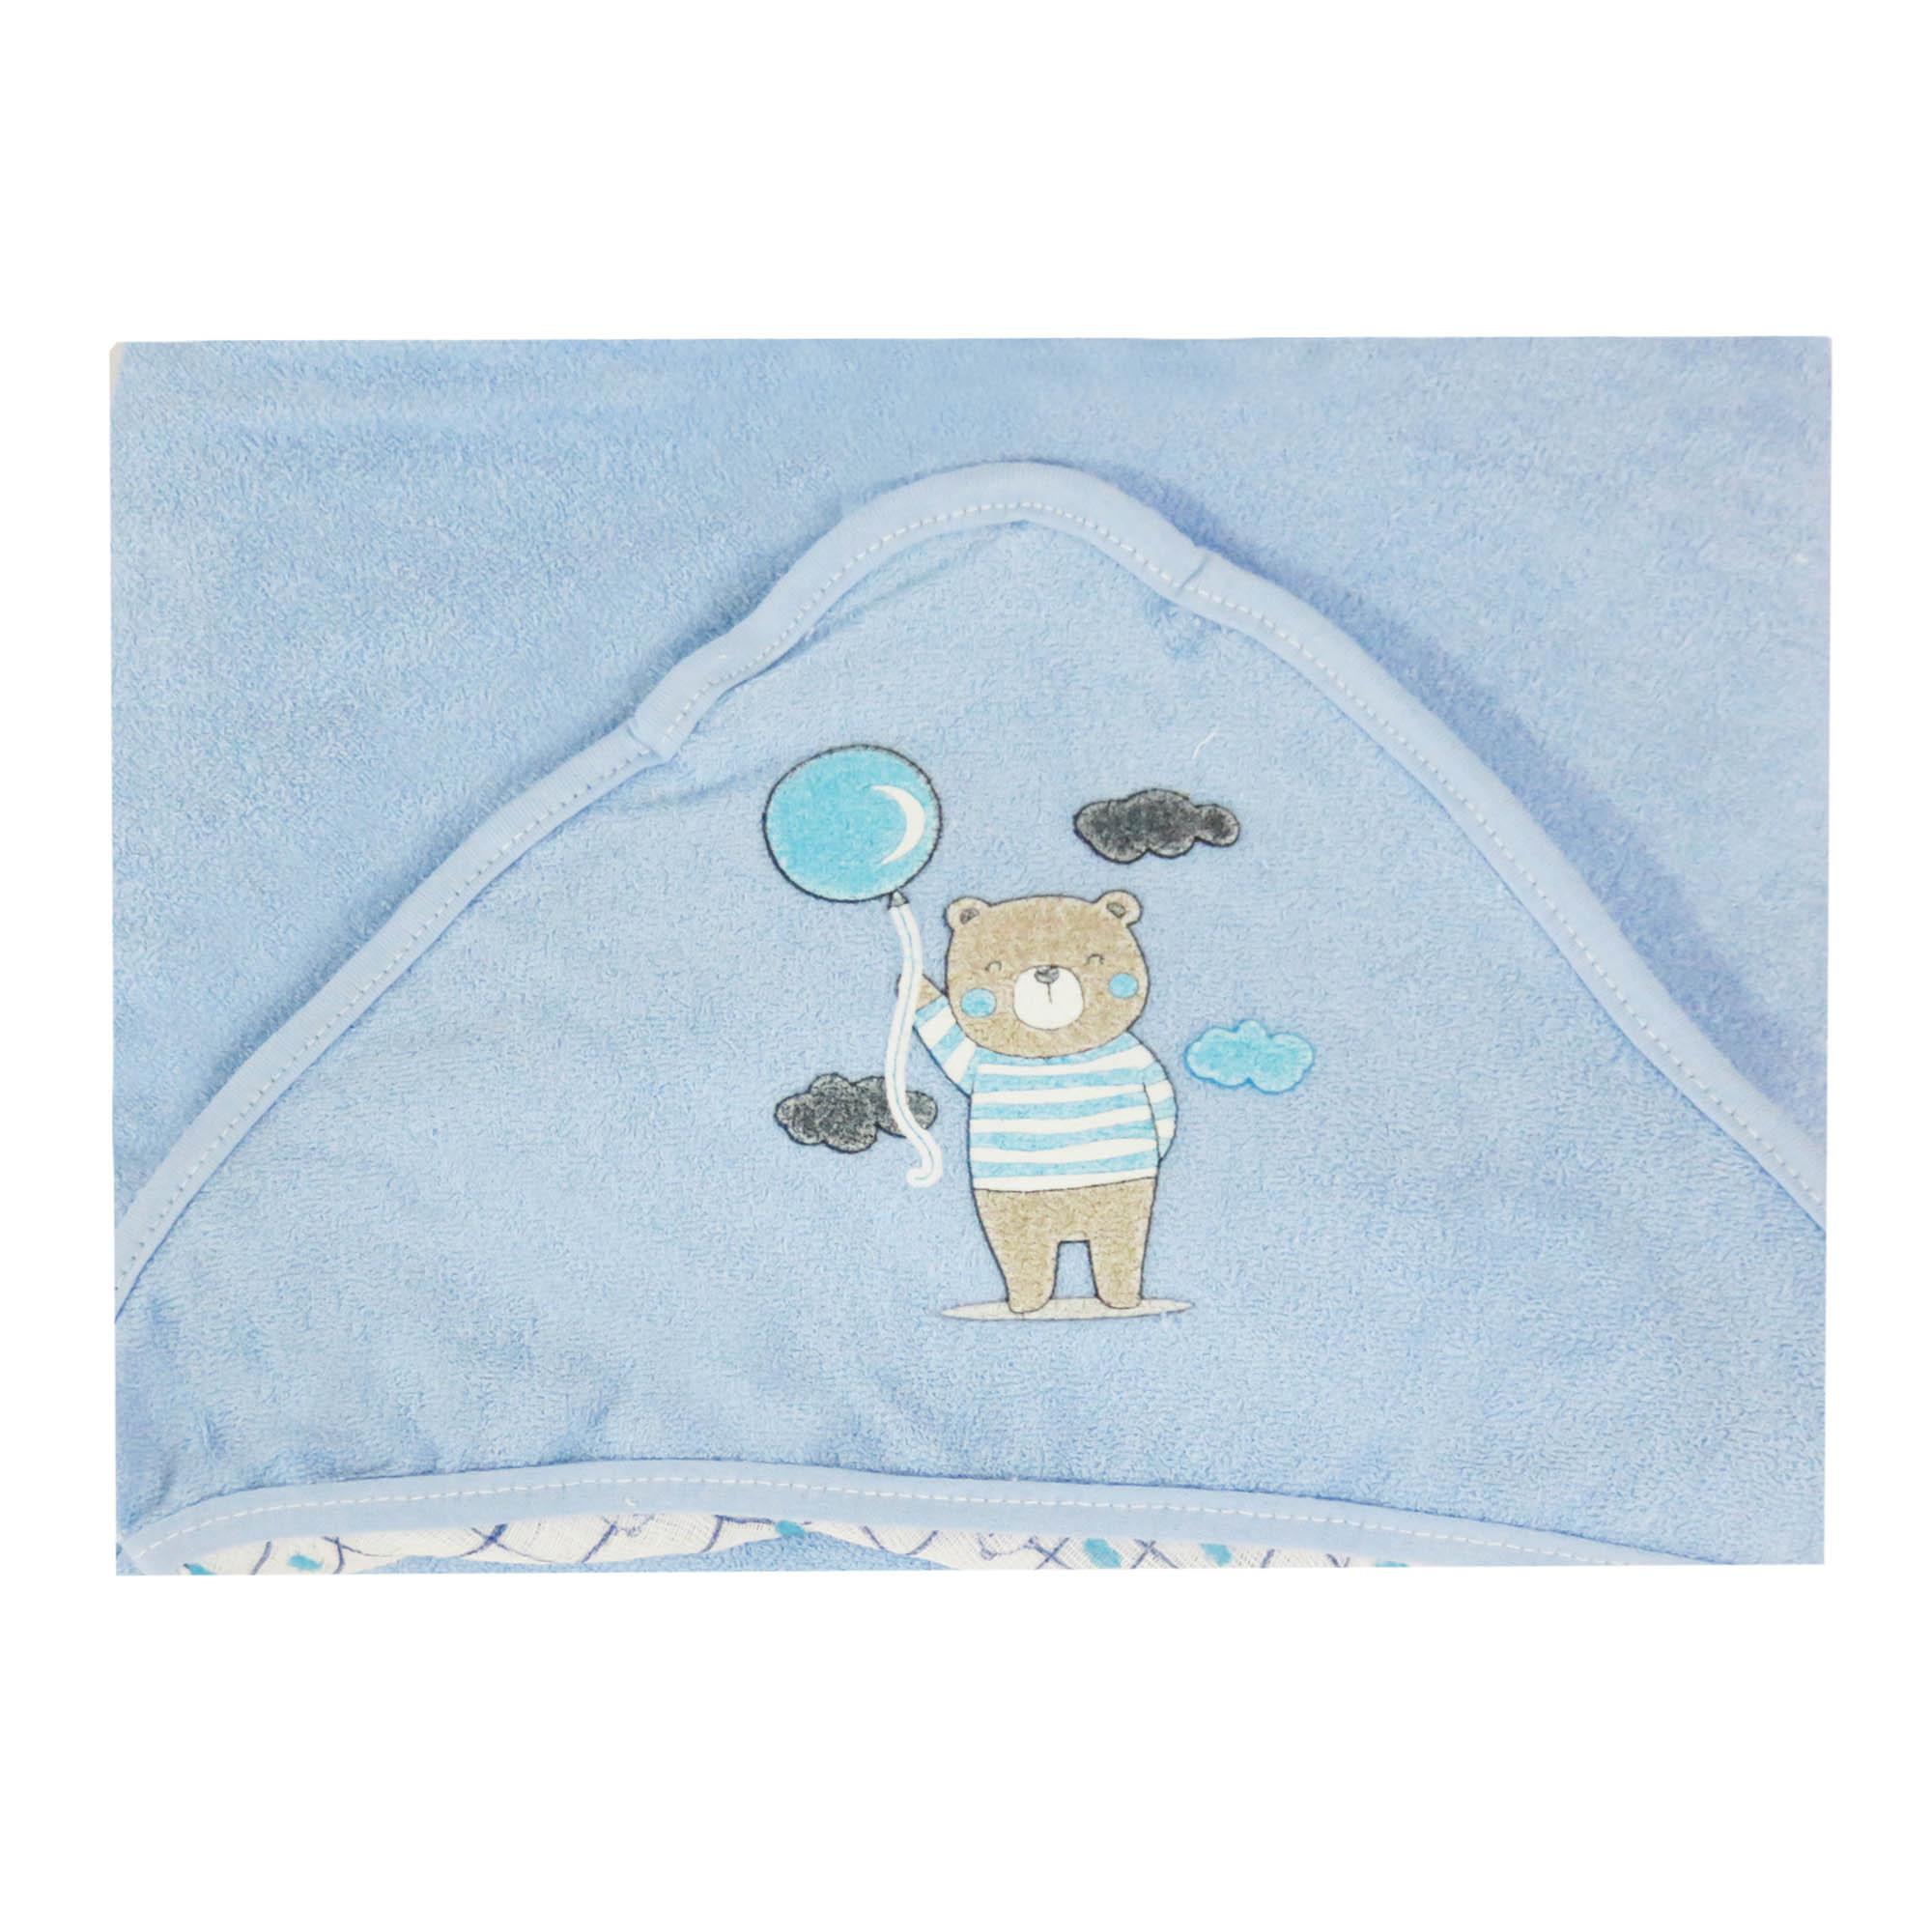 Toalha de Plush com Puff no Capuz Estampa Ursinho Nuvem - Incomfral - Bambi Malhas